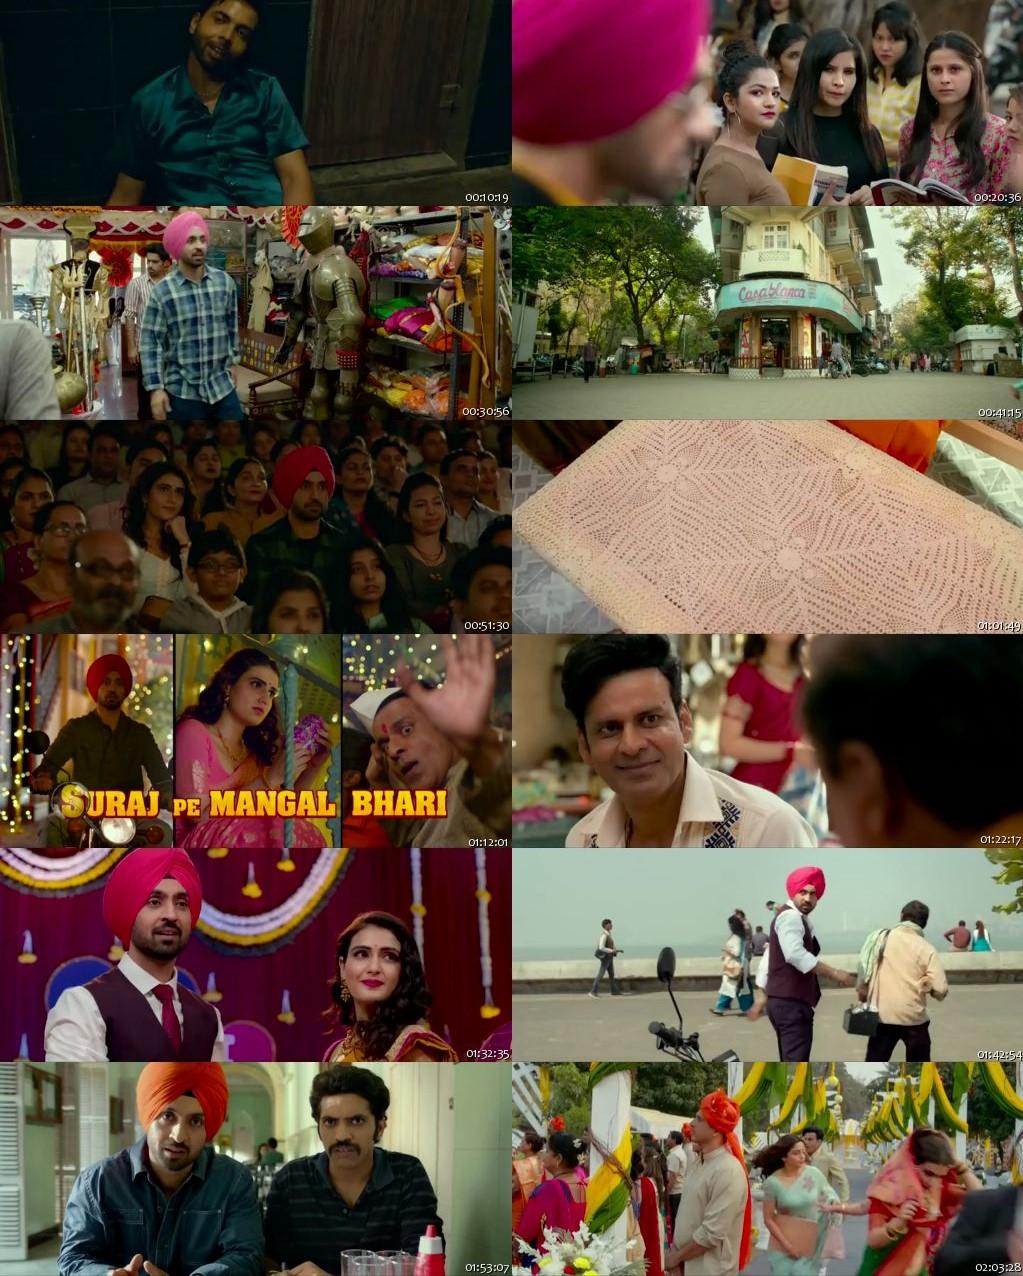 Suraj Pe Mangal Bhari 2020 Full Hindi Movie Download HDRip 480p 300Mb